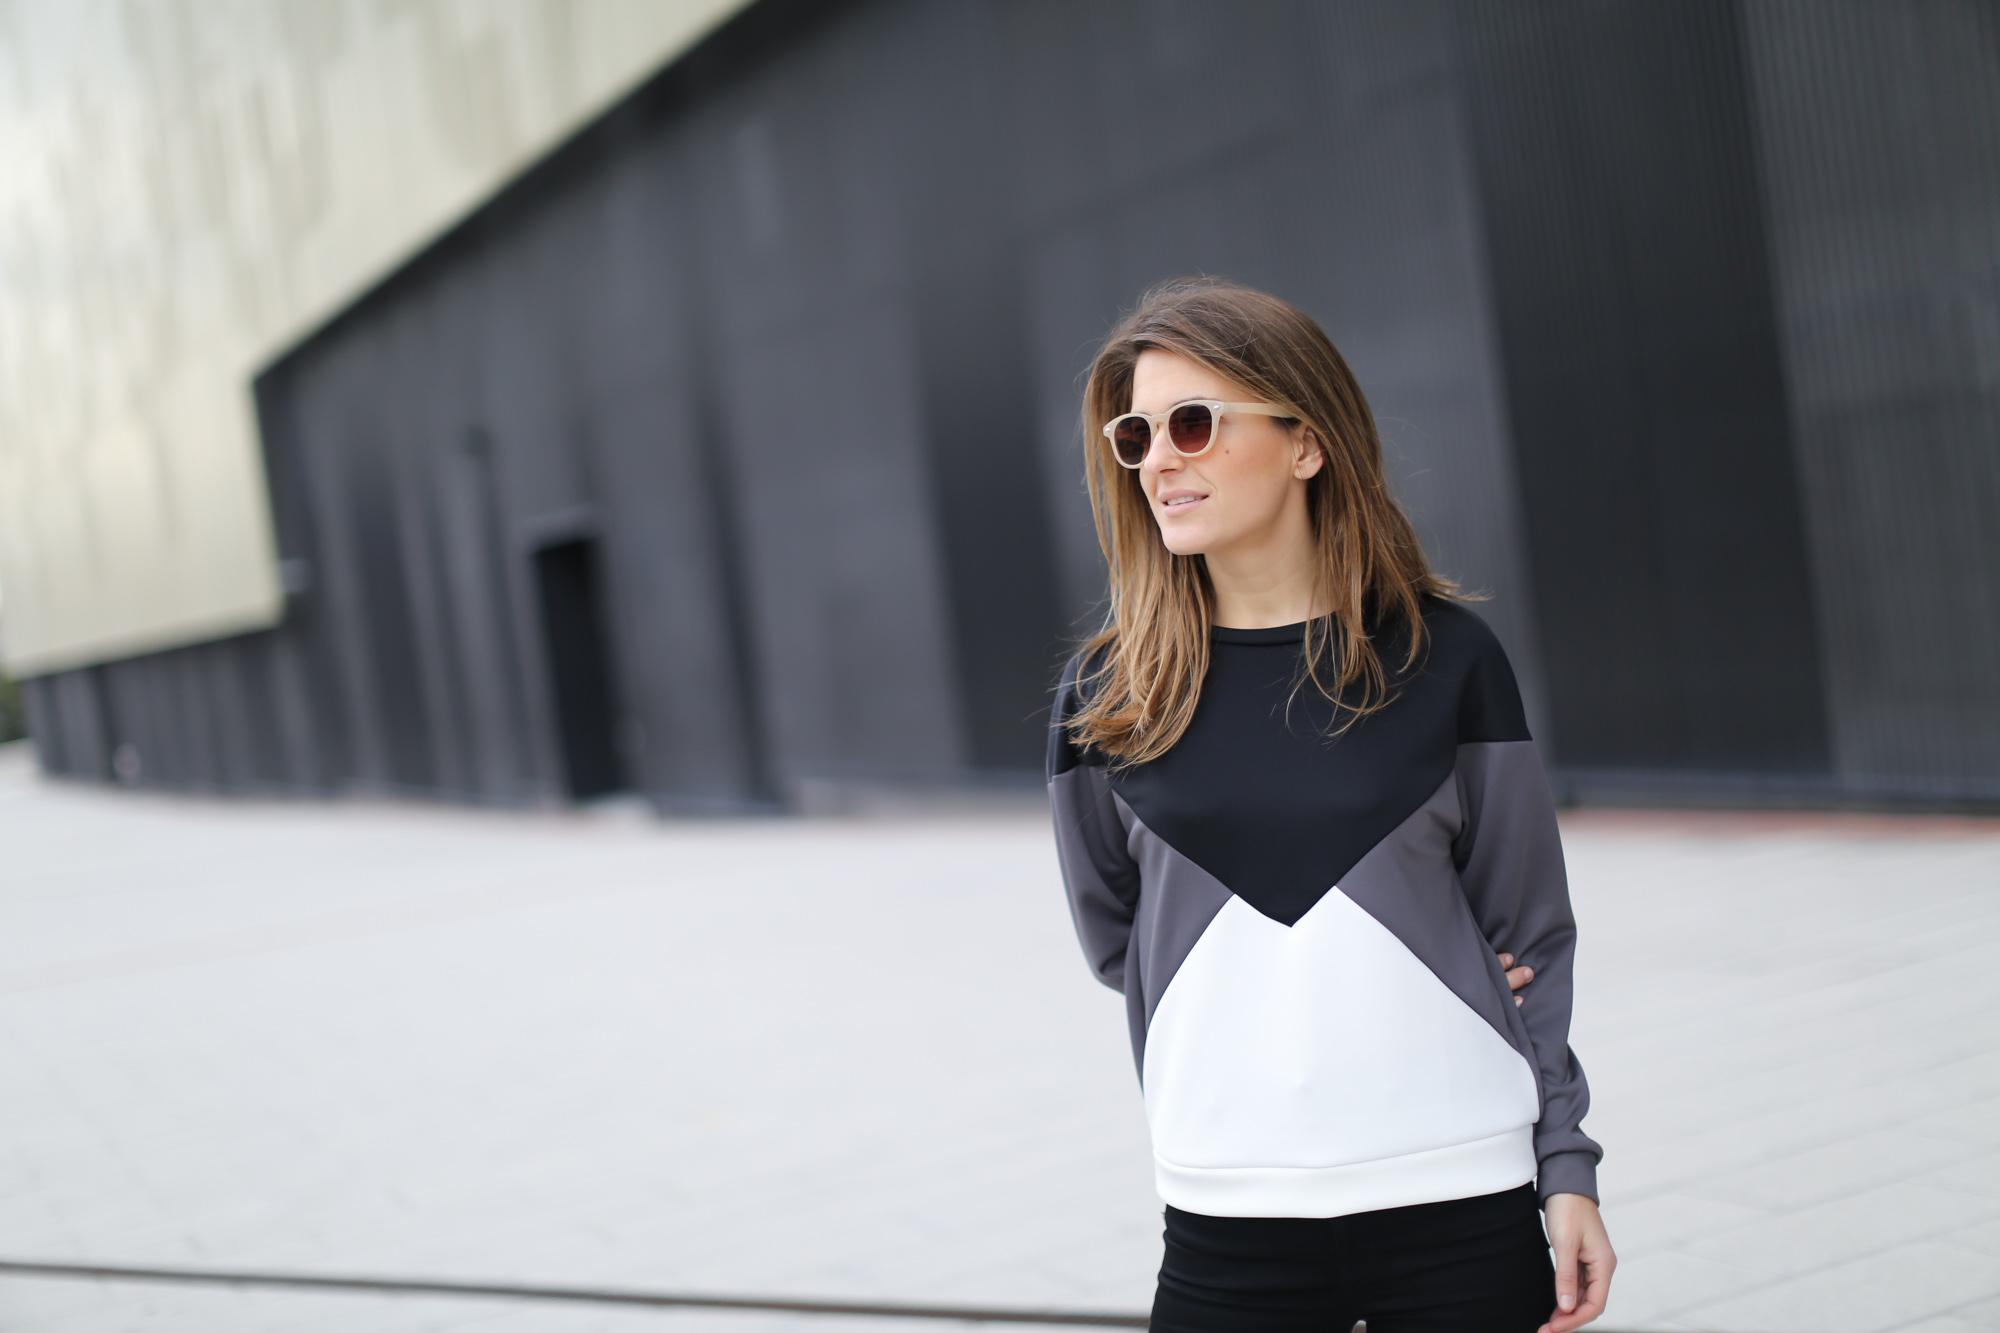 Clochet-streetstyle-suiteblanco-neoprene-sweatshirt-lykke-li-loafers-3